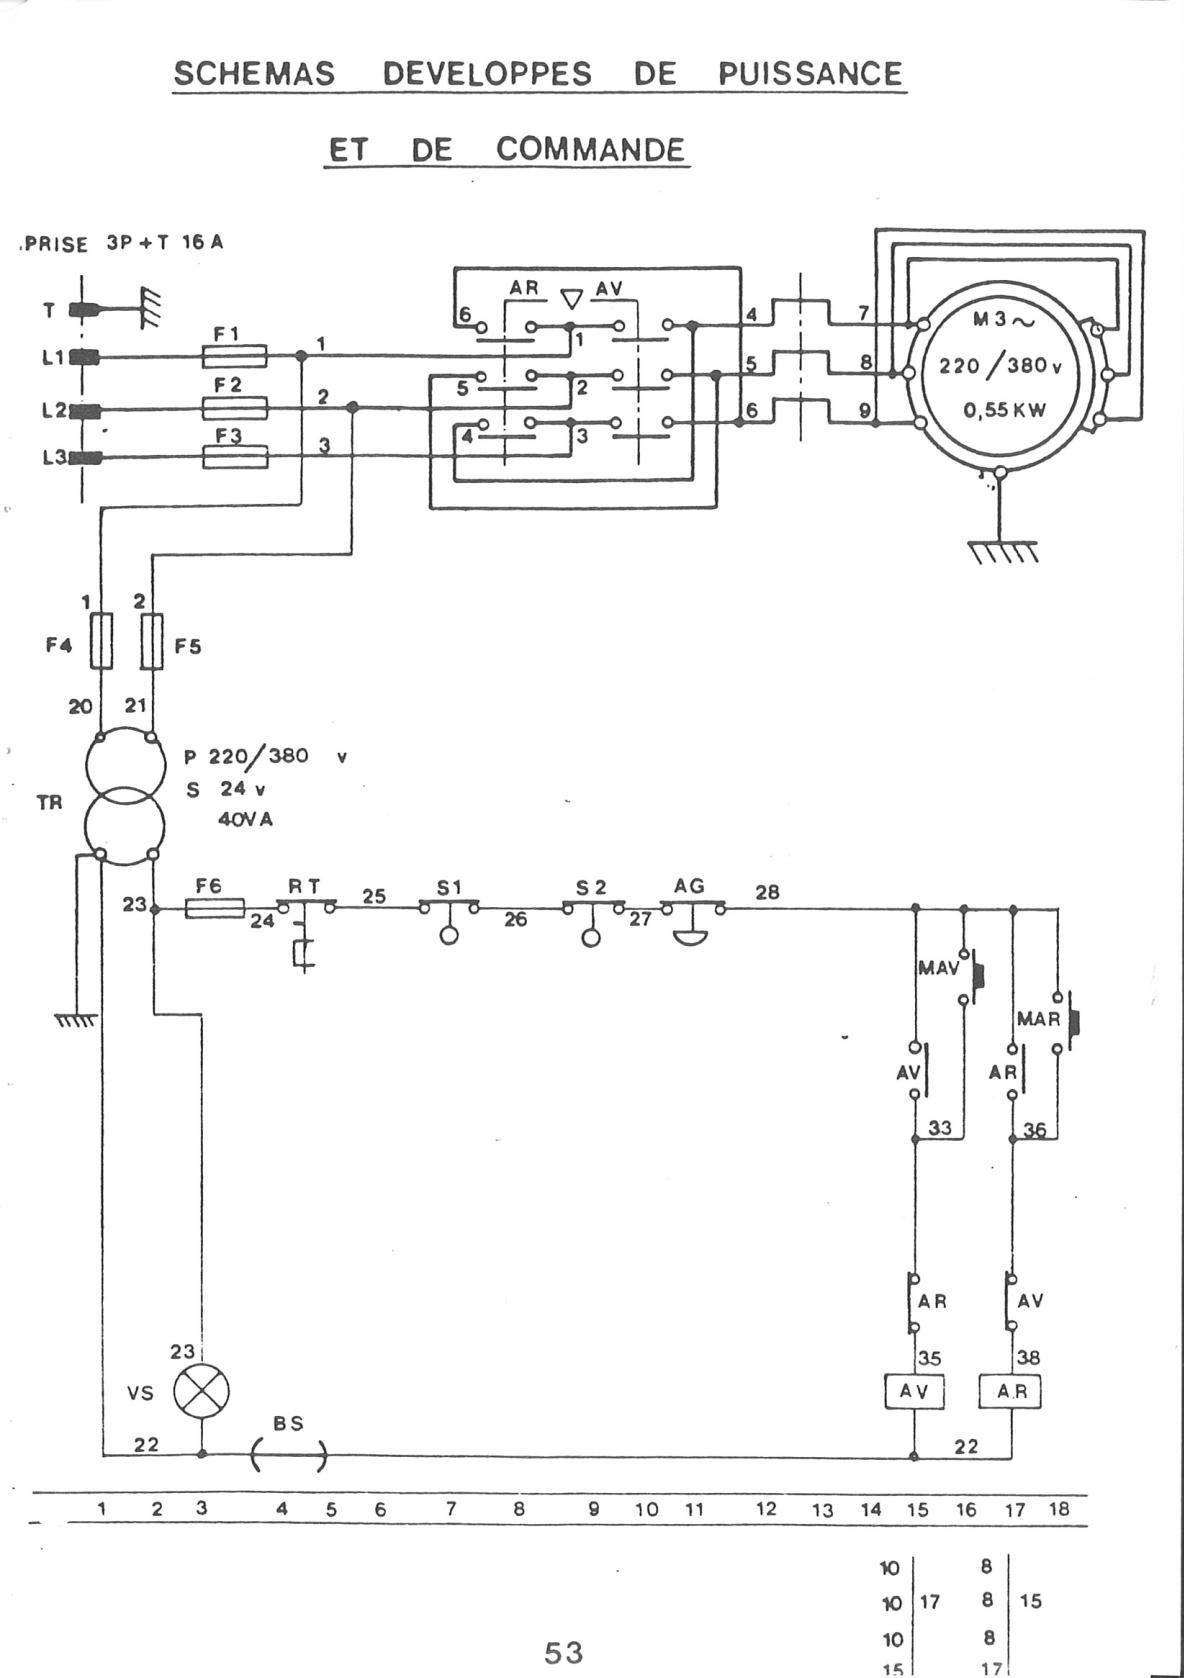 variateur 380/380 pour ALCERA-GAMBIN 301P Uw4147